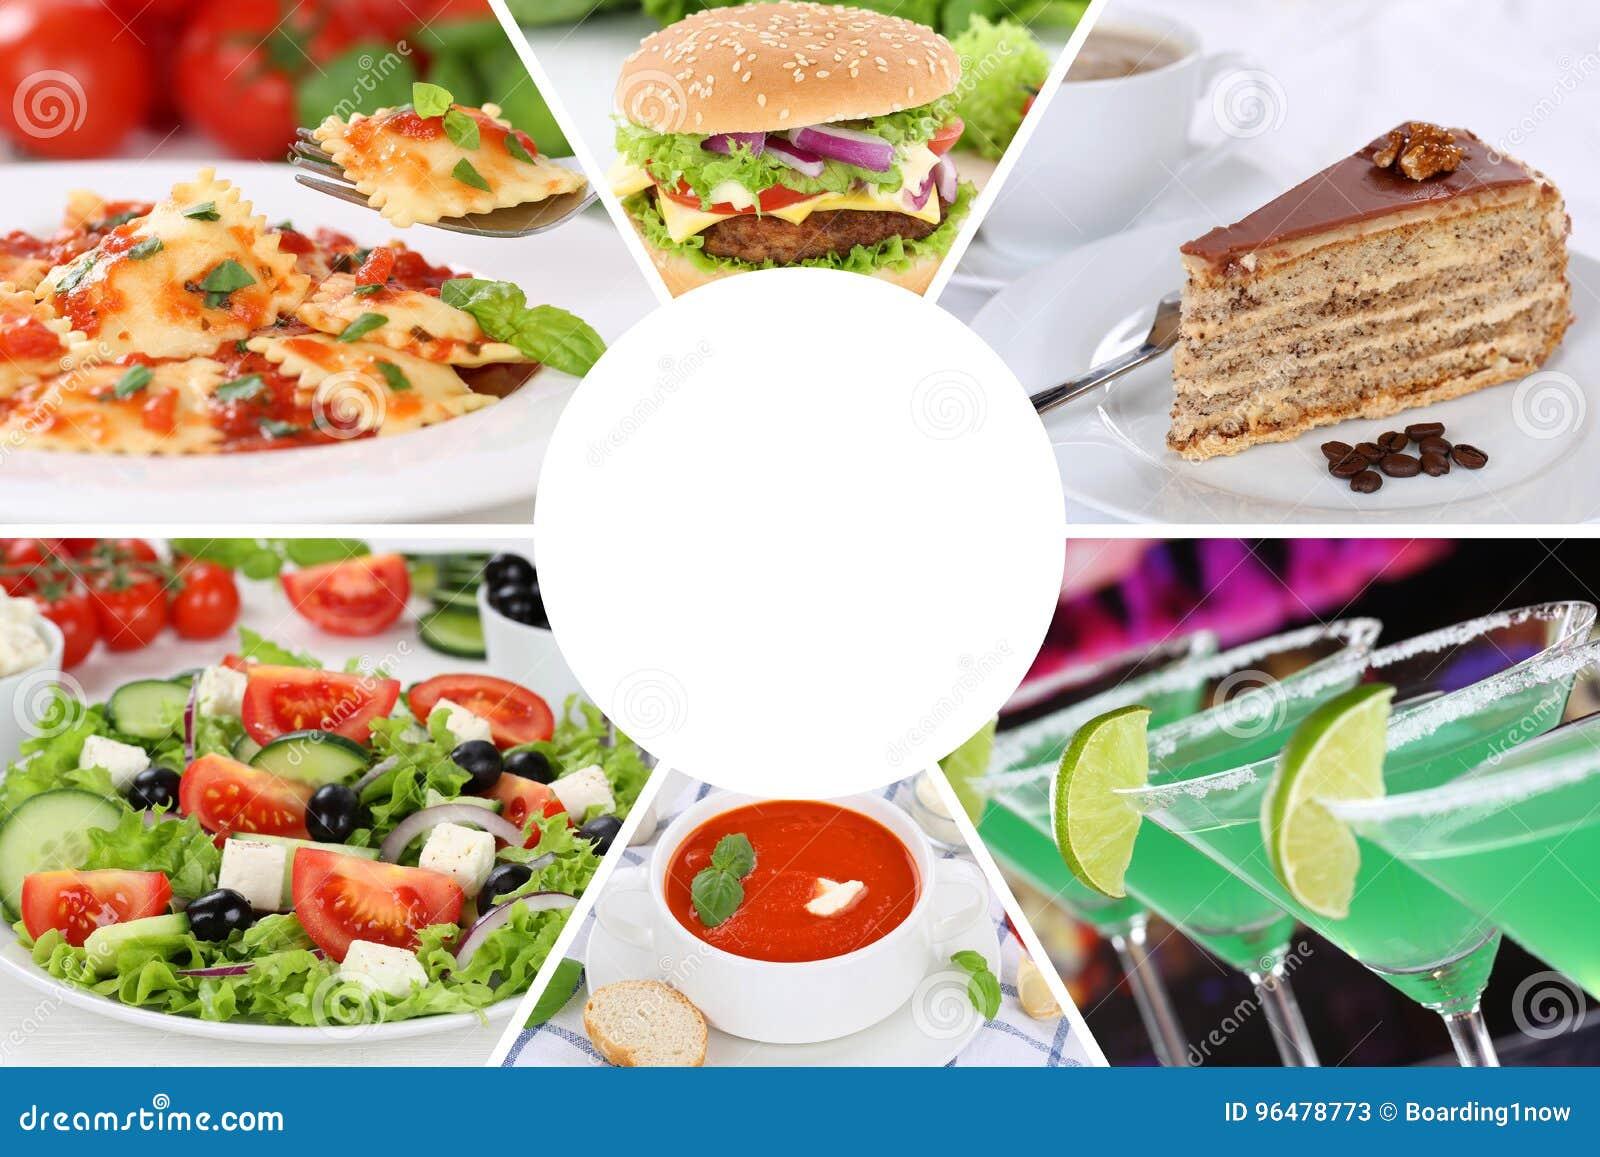 吃汇集拼贴画饮料的食物和饮料菜单喝m